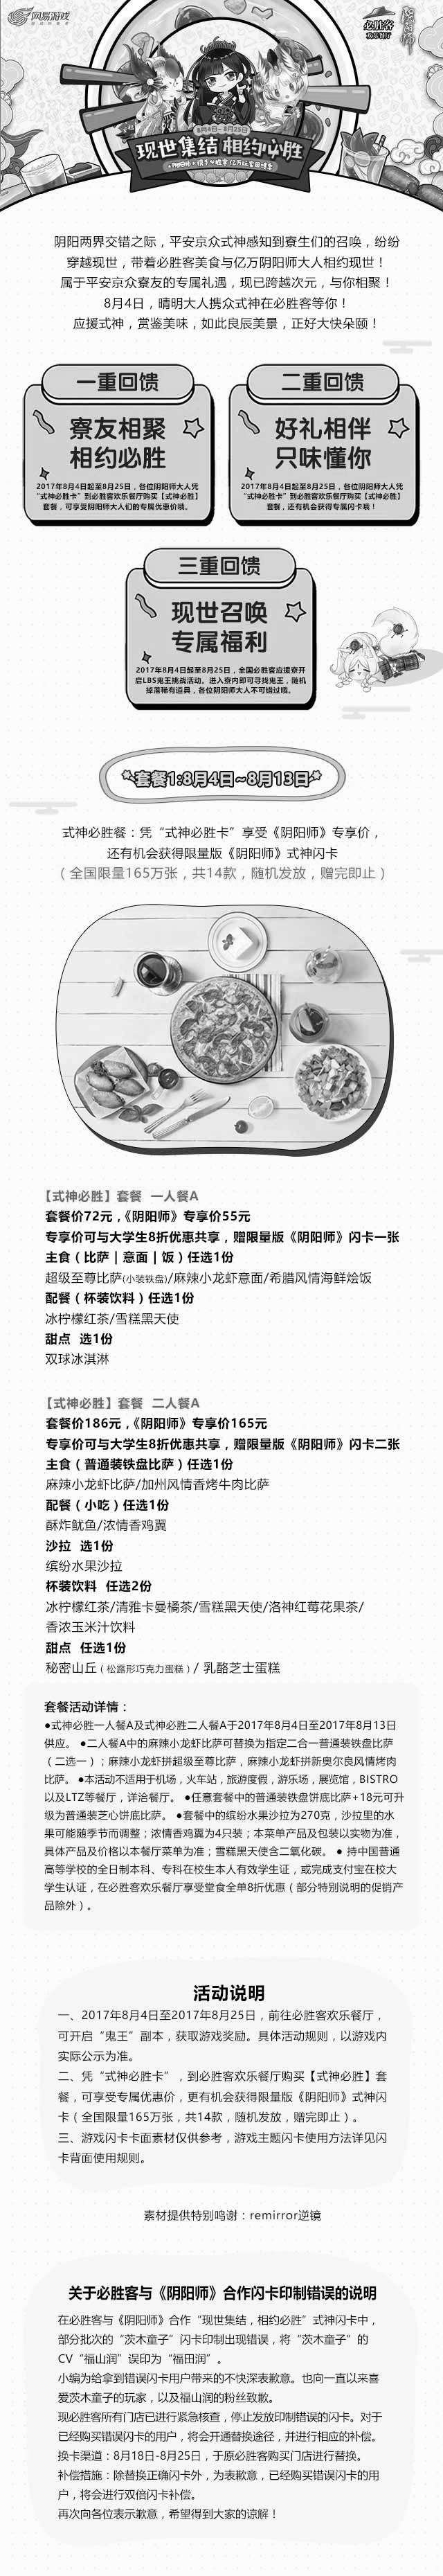 黑白优惠券图片:必胜客阴阳师套餐多重优惠,还有《阴阳师》限量闪卡 - www.5ikfc.com